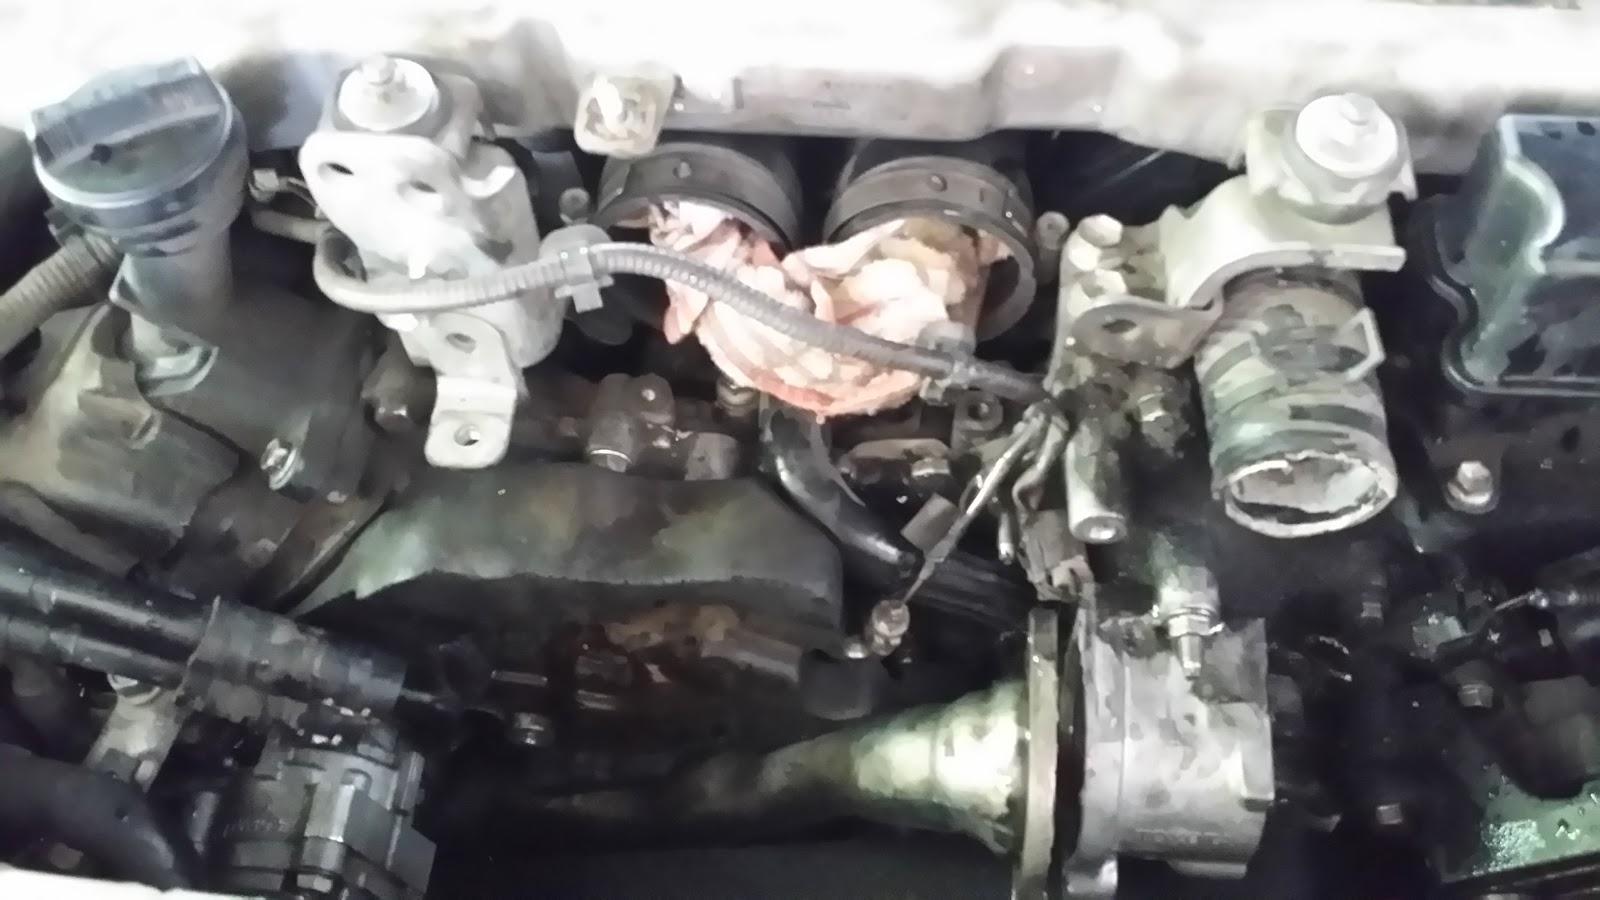 Modern comforts: Toyota Landcruiser 200 series, VDJ200R V8 4.5 litre ...